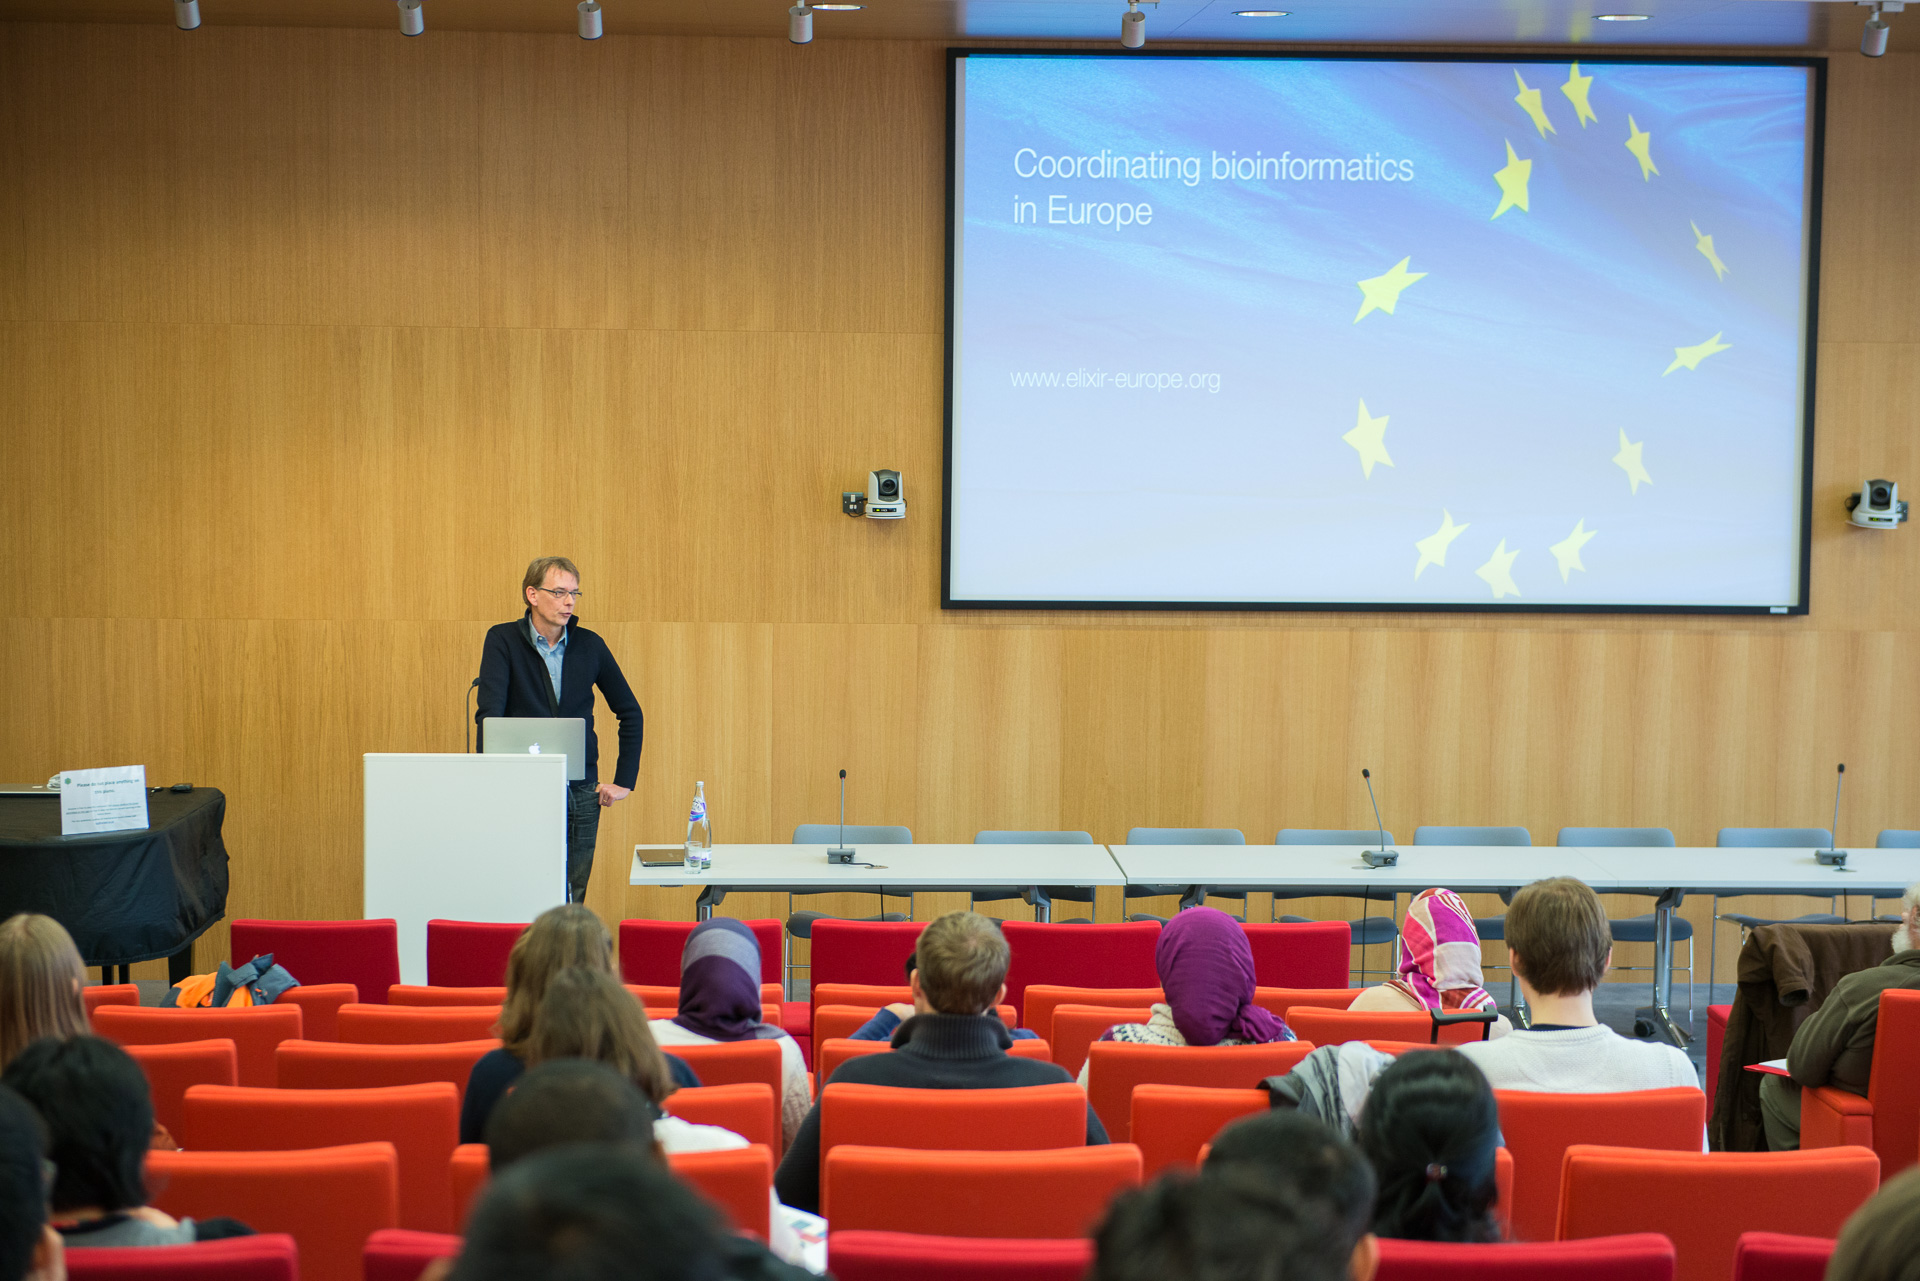 Rolf Apweiler, EMBL-EBI Open Day 2015